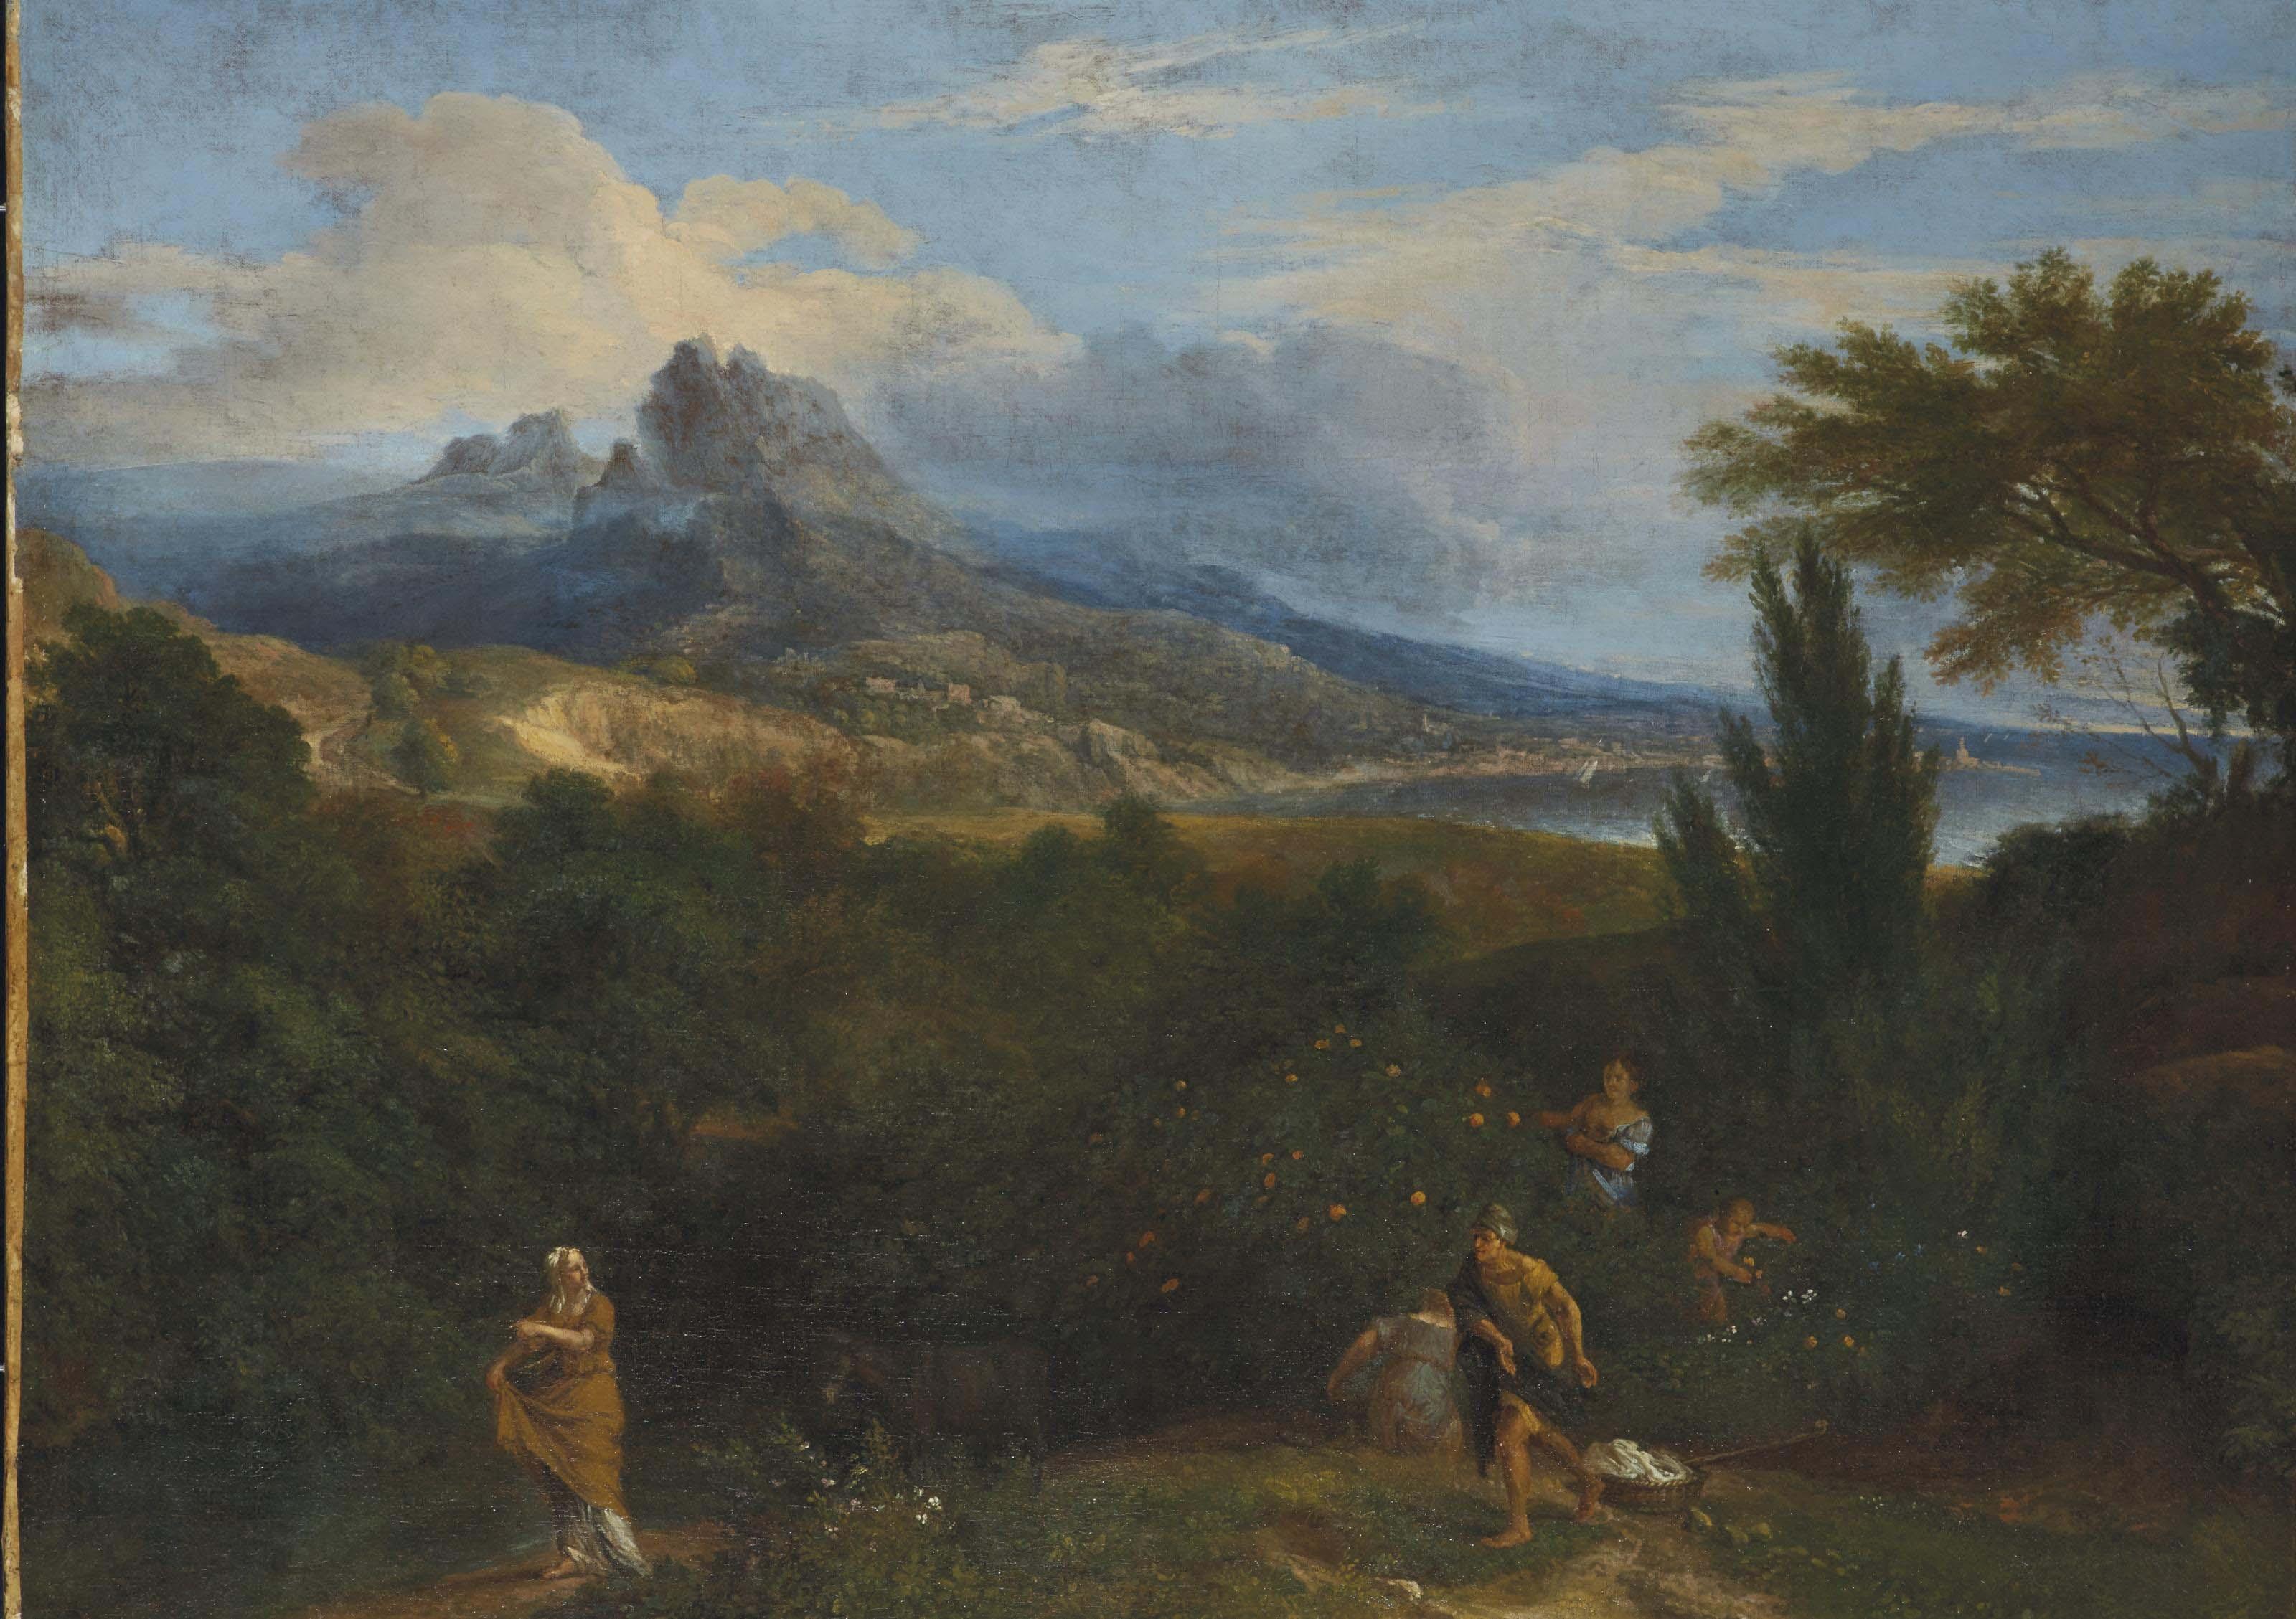 Paysage italianisant avec des bergers